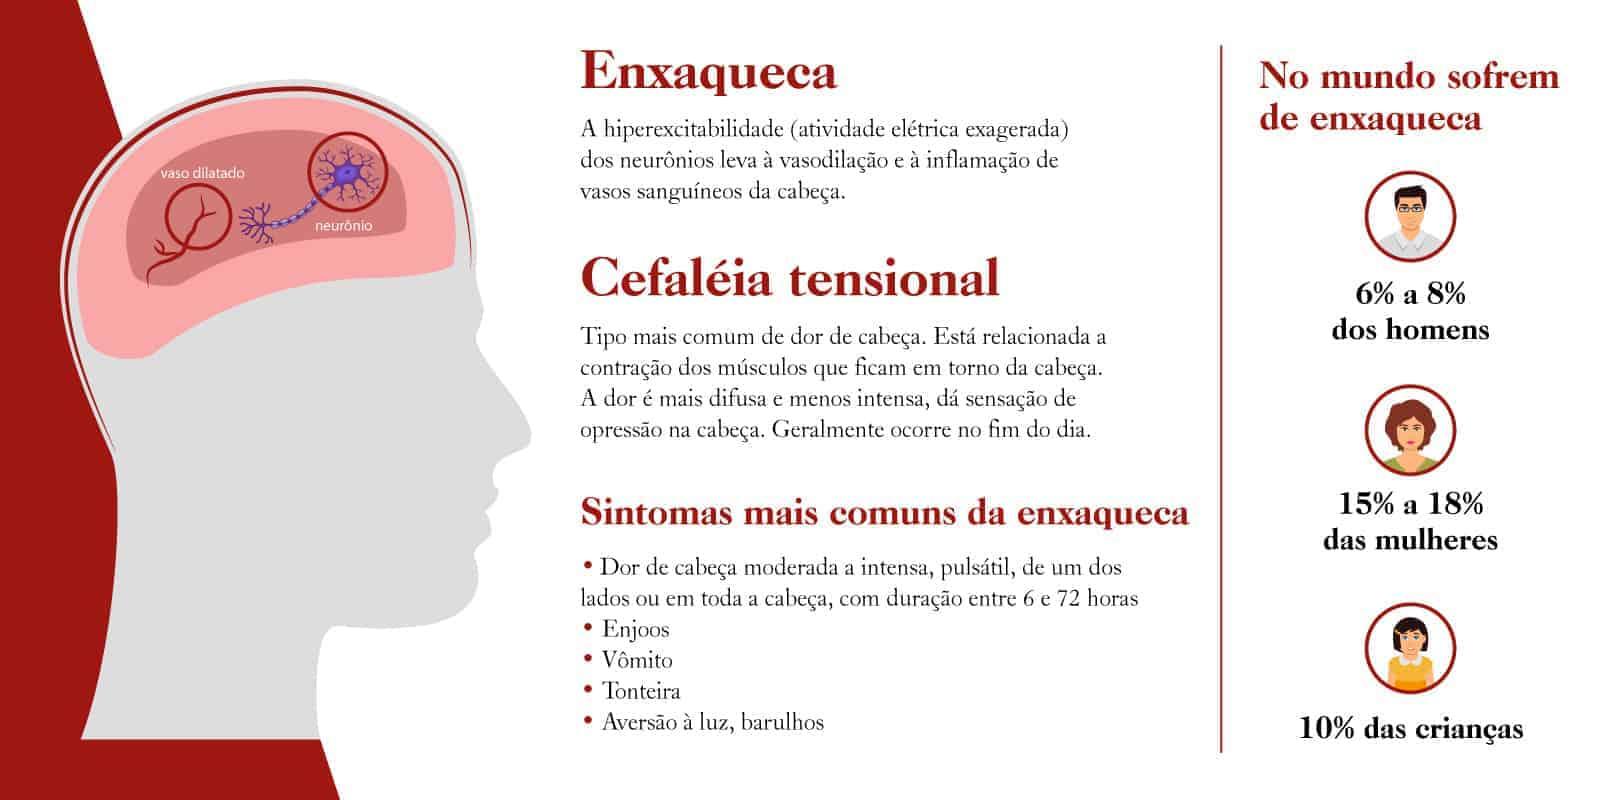 Cefaléia Tensional - O que é, sintomas e causas